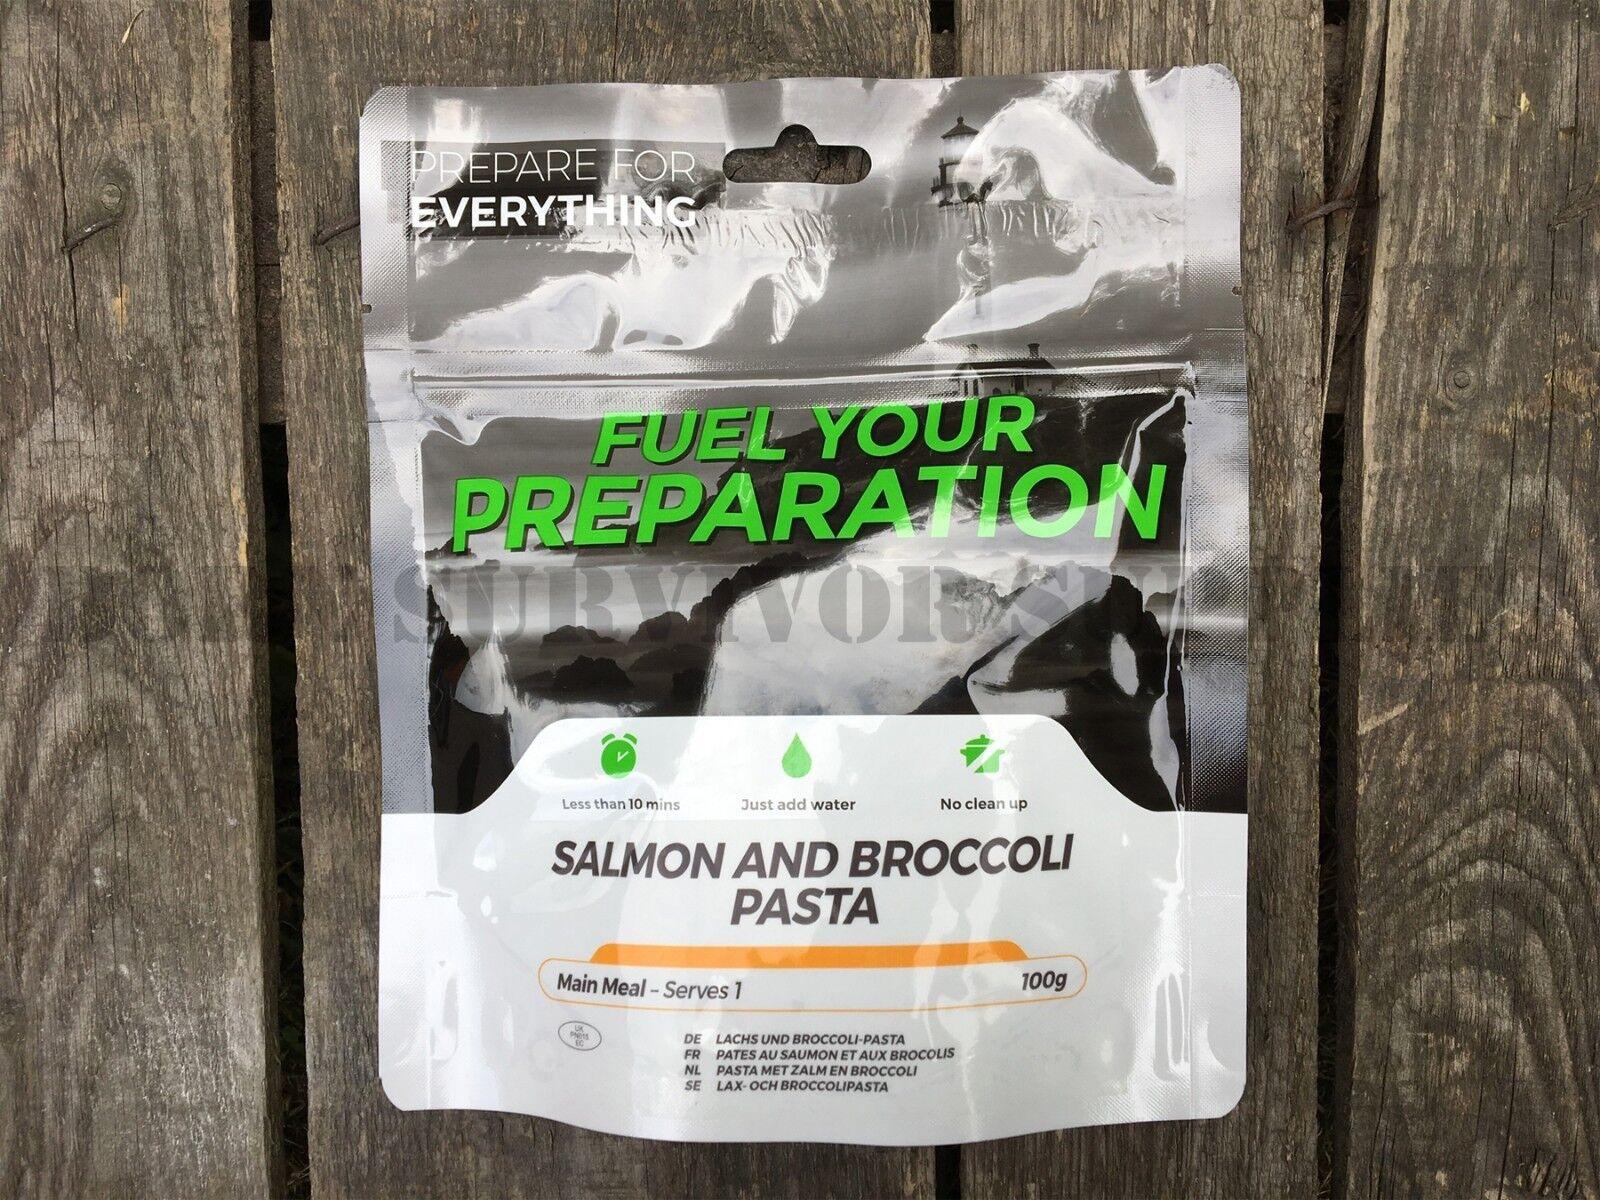 Carburant votre préparation ration packs-léger packs-léger packs-léger séchées congelées camping repas nourriture fde0ec